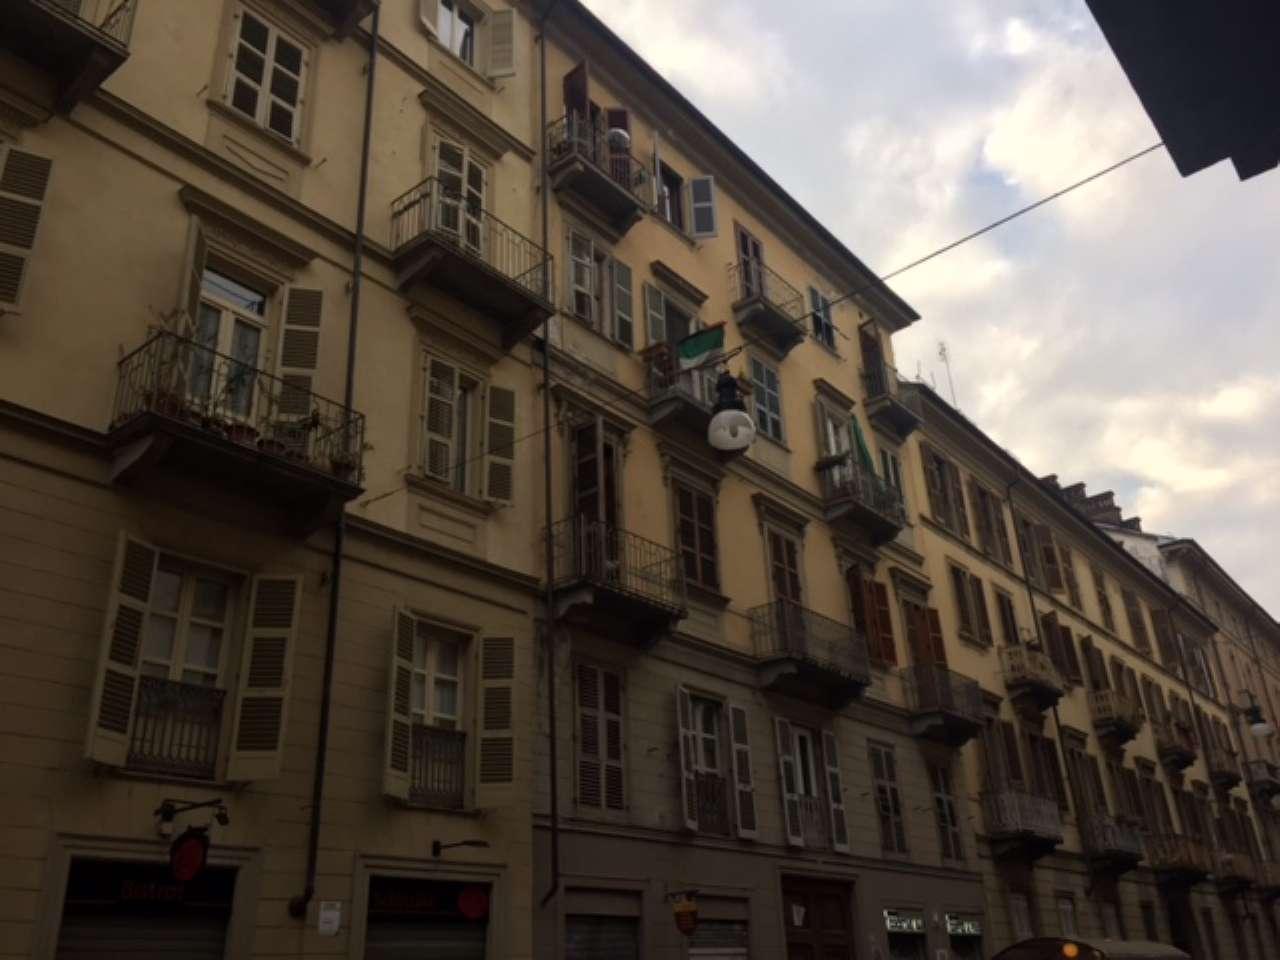 Attico / Mansarda in affitto a Torino, 1 locali, zona Zona: 3 . San Salvario, Parco del Valentino, prezzo € 250   Cambio Casa.it